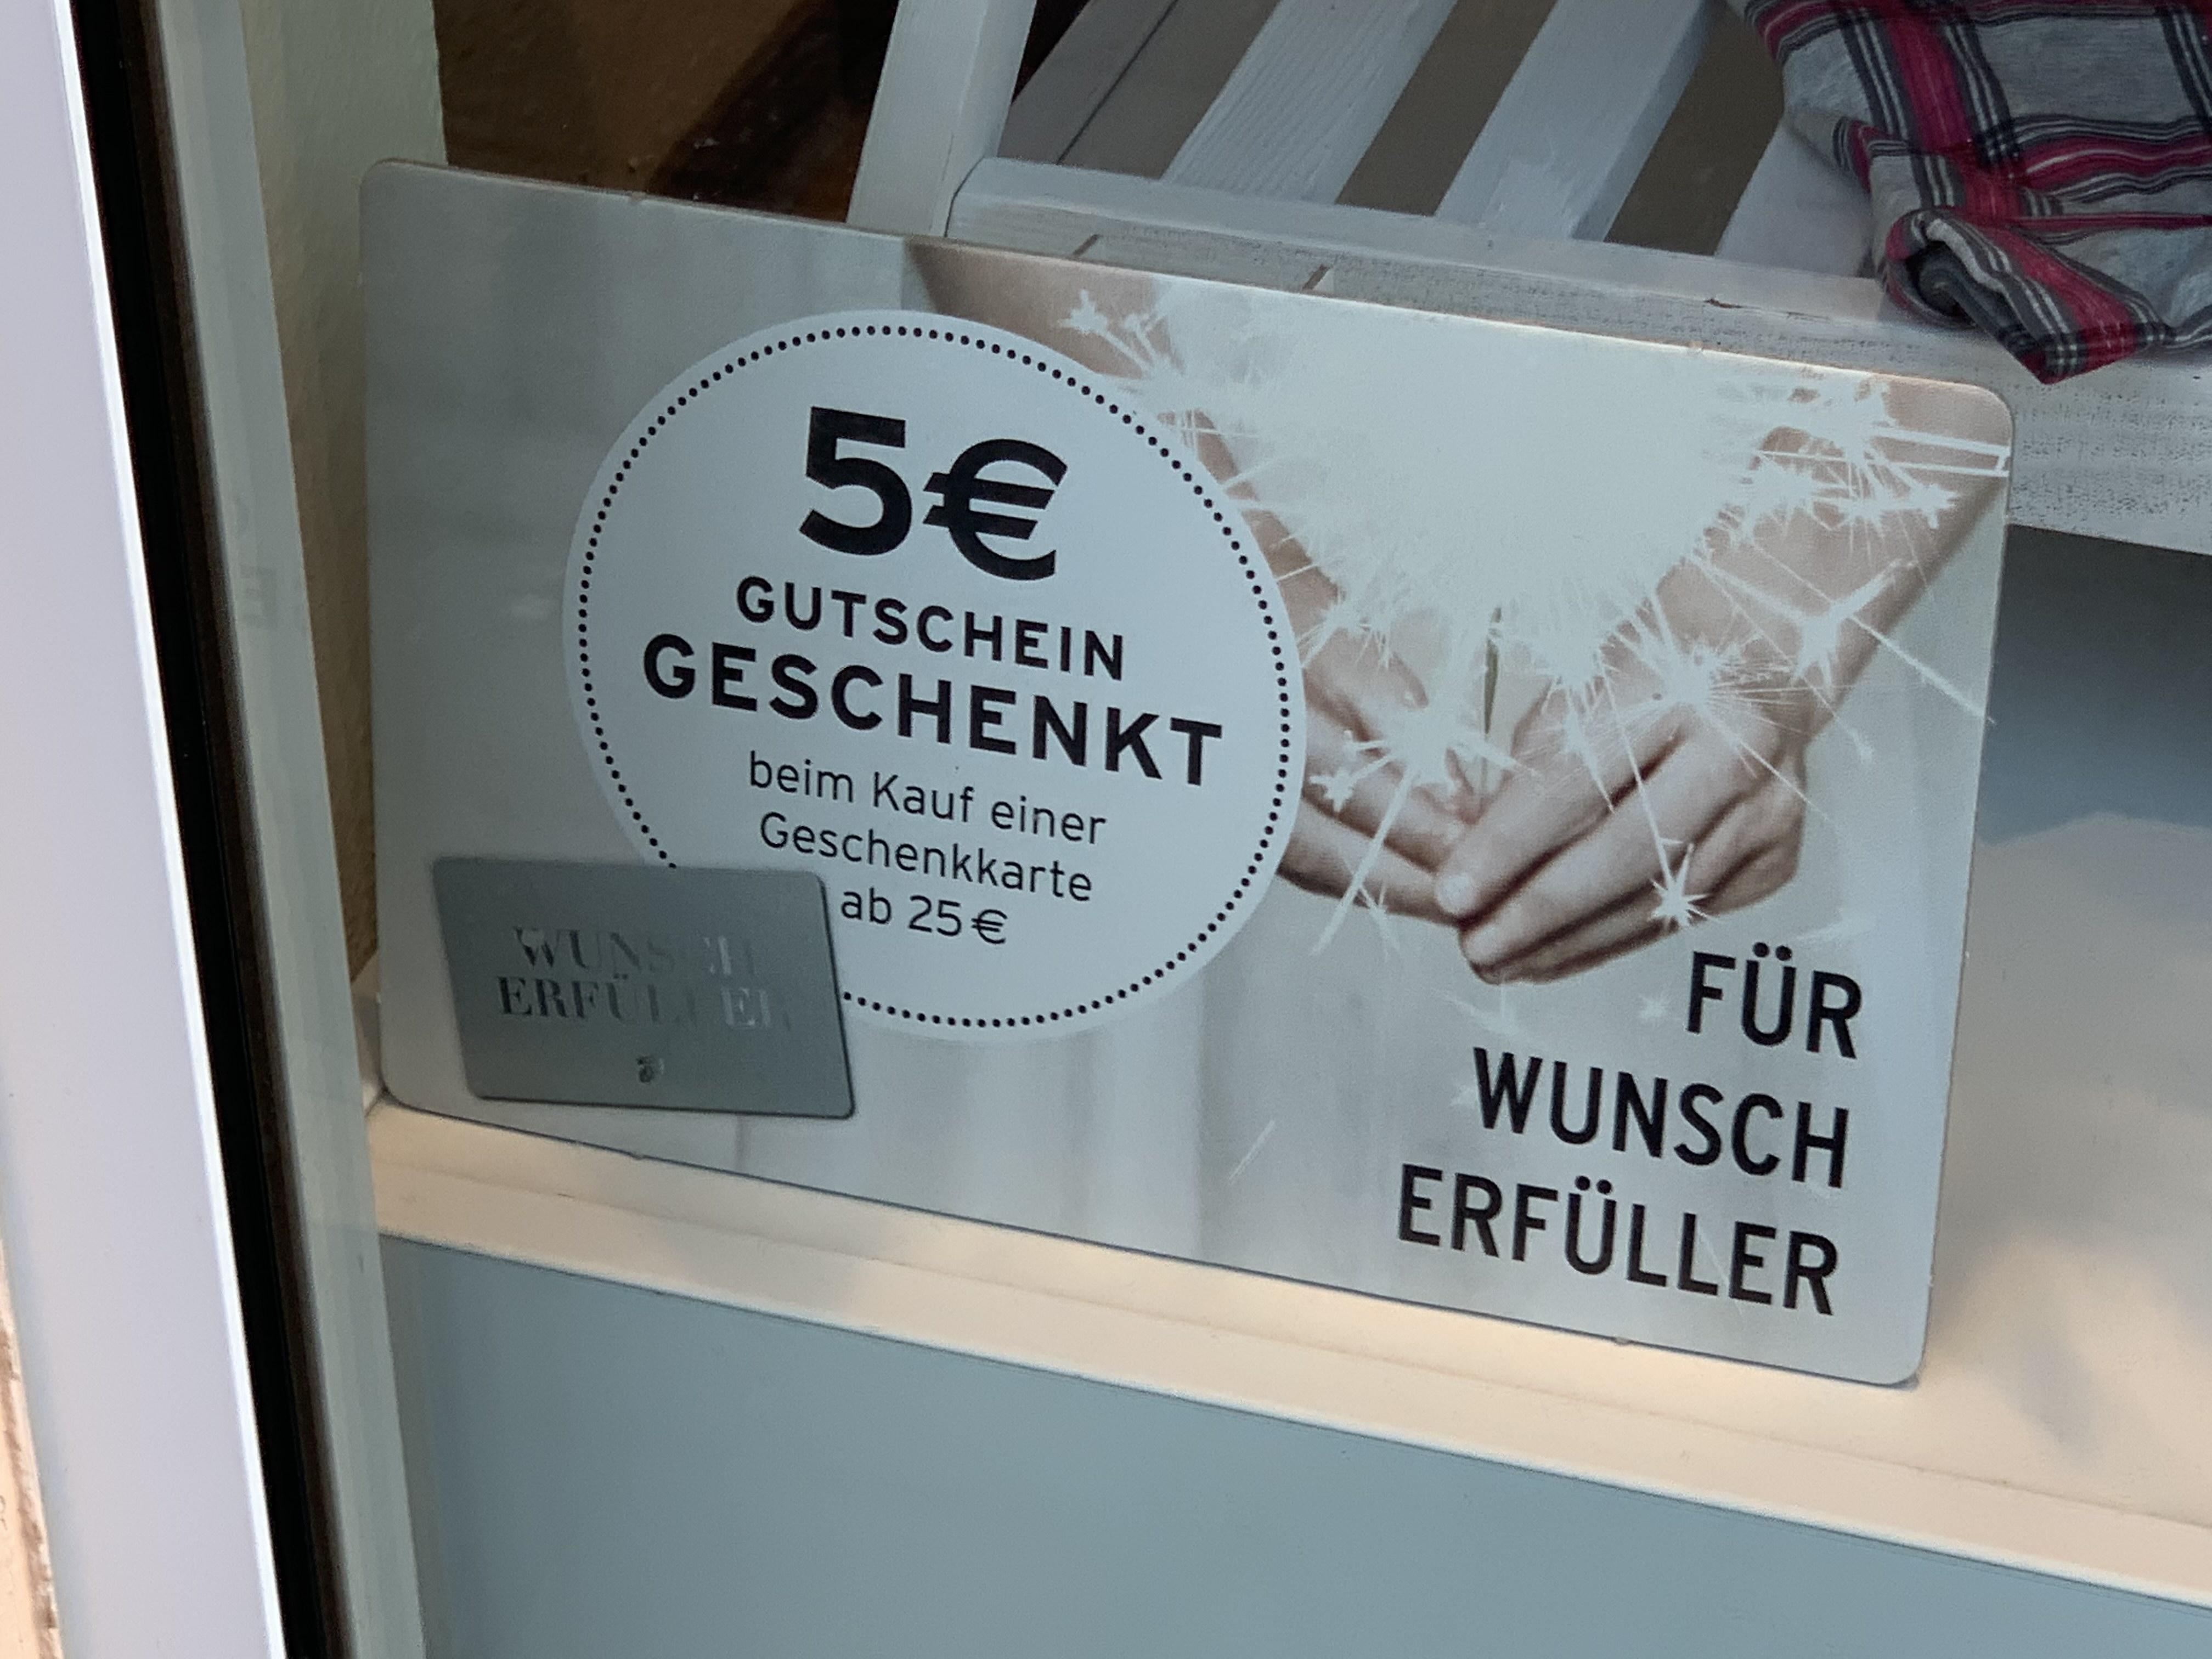 (LOKAL? Berlin Kranoldplatz) Tchibo 5€ geschenkt beim Kauf einer Geschenkkarte ab 25€